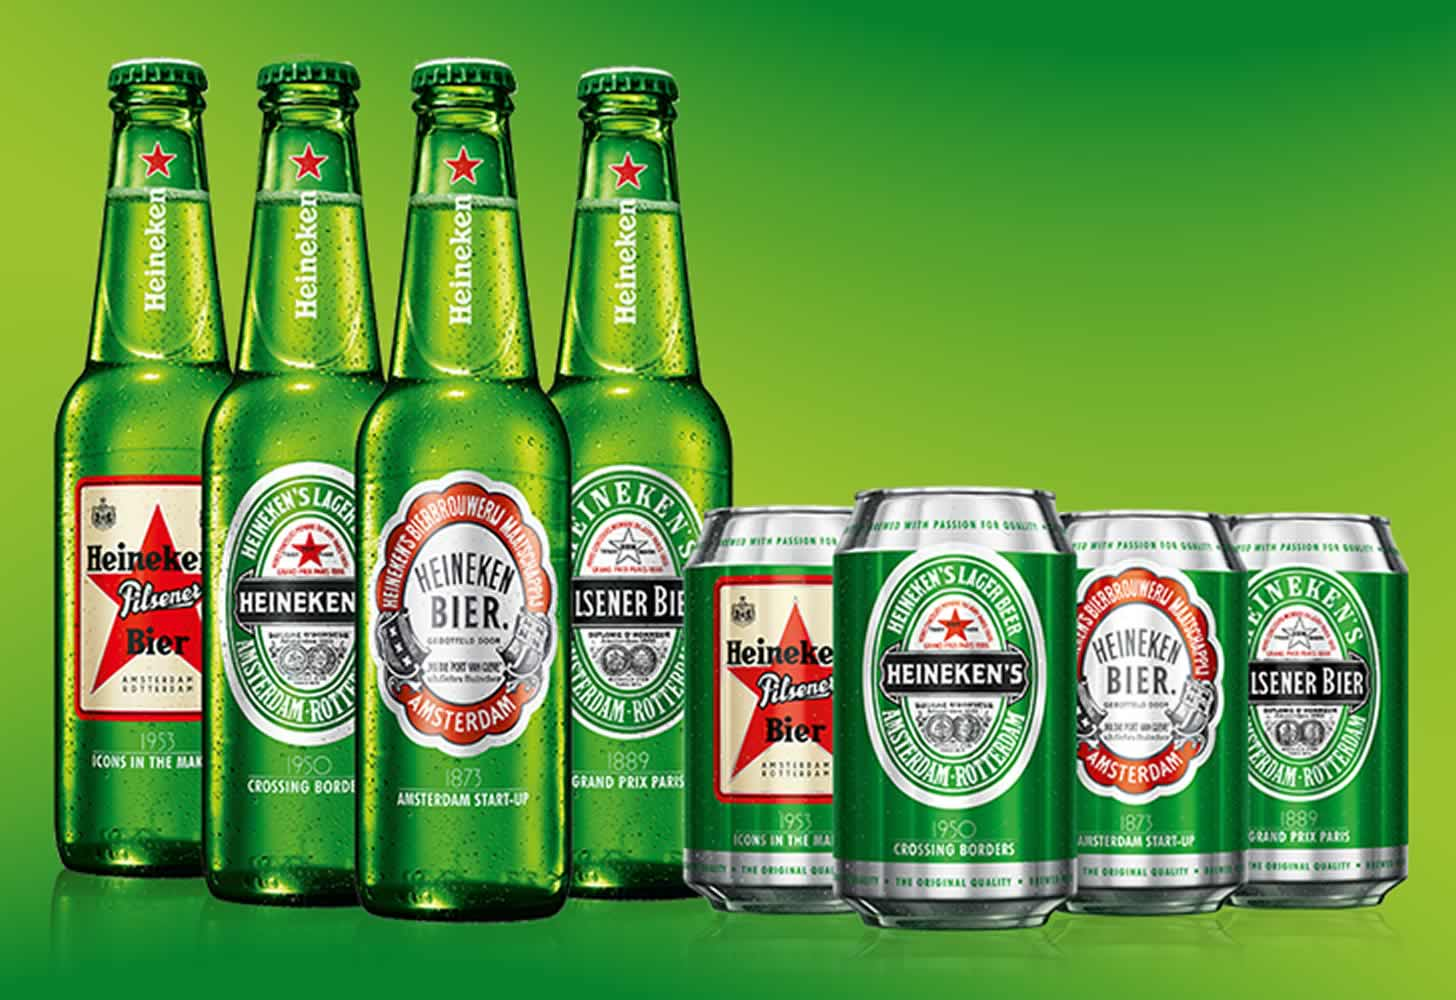 Пиво хейнекен heineken: обзор, производитель, отзывы, цена, фото